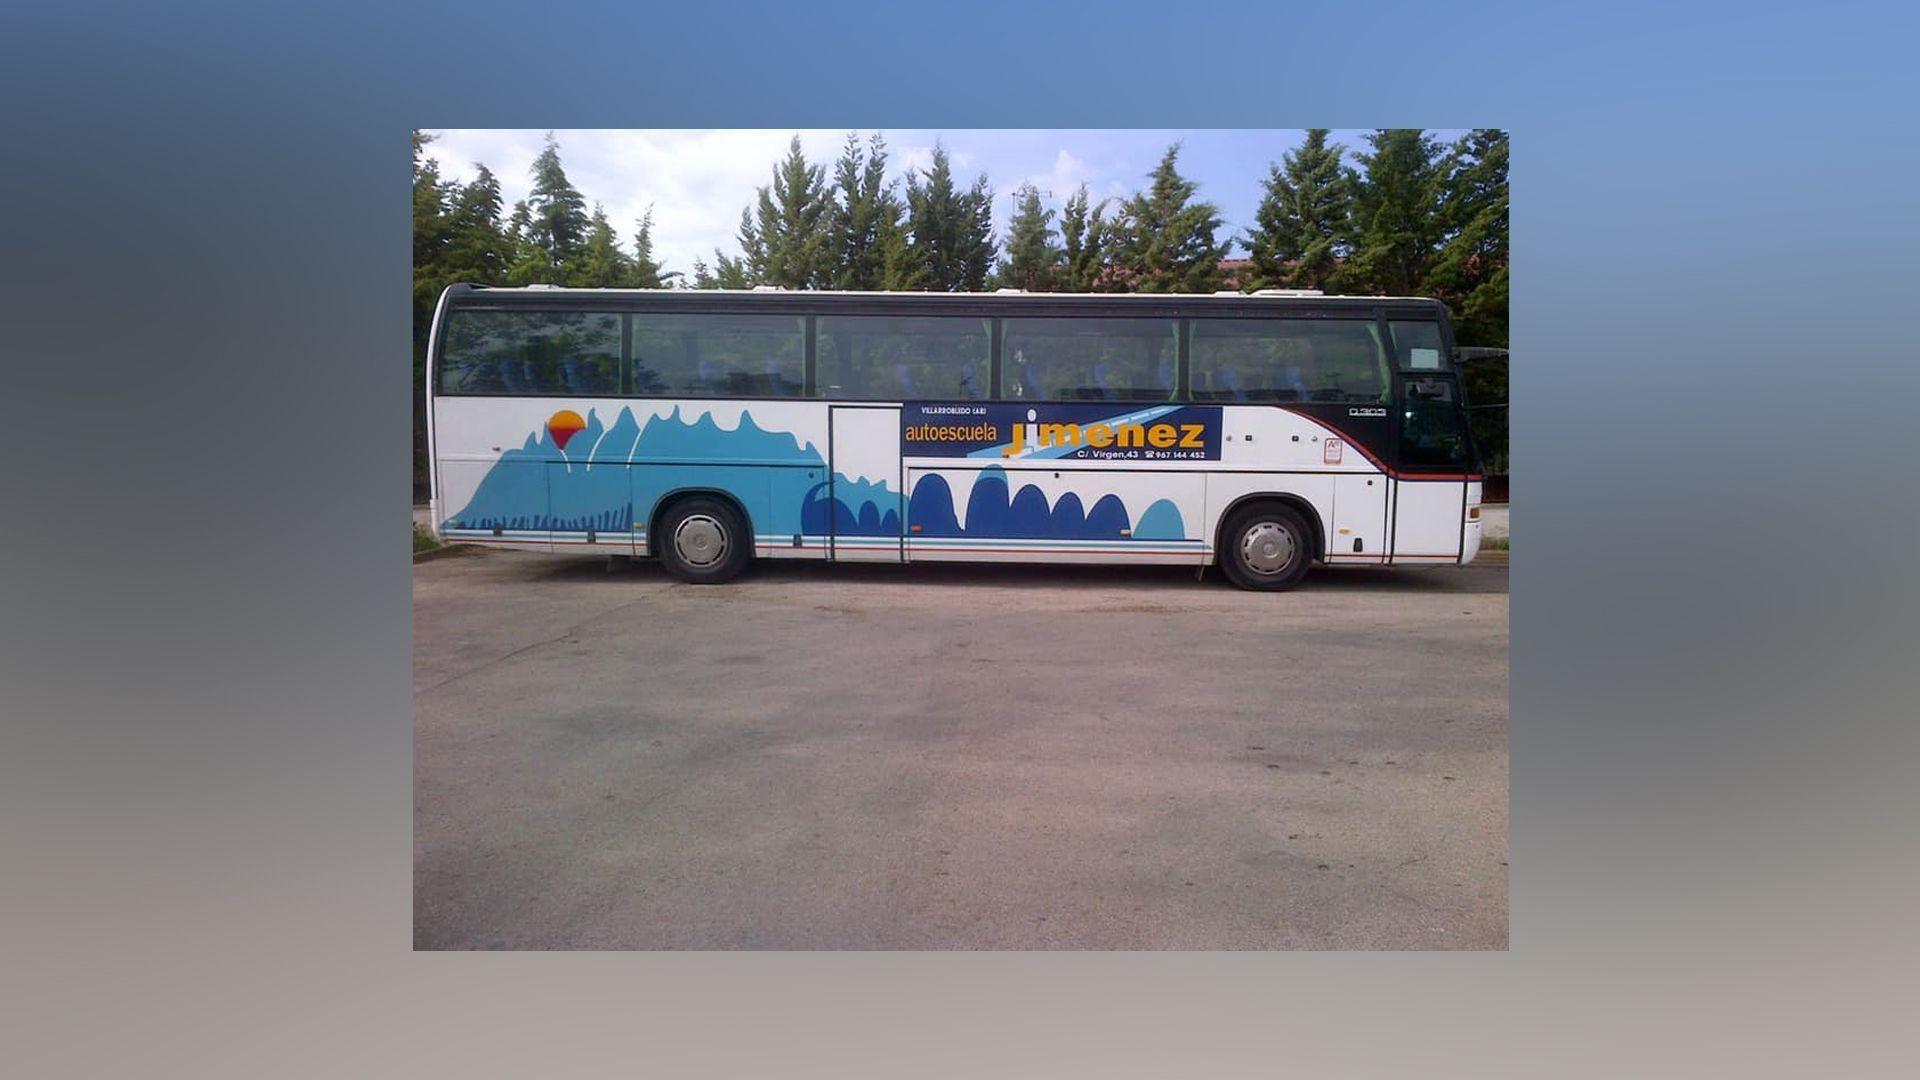 Permisos de circulación para todos los vehículos en Albacet